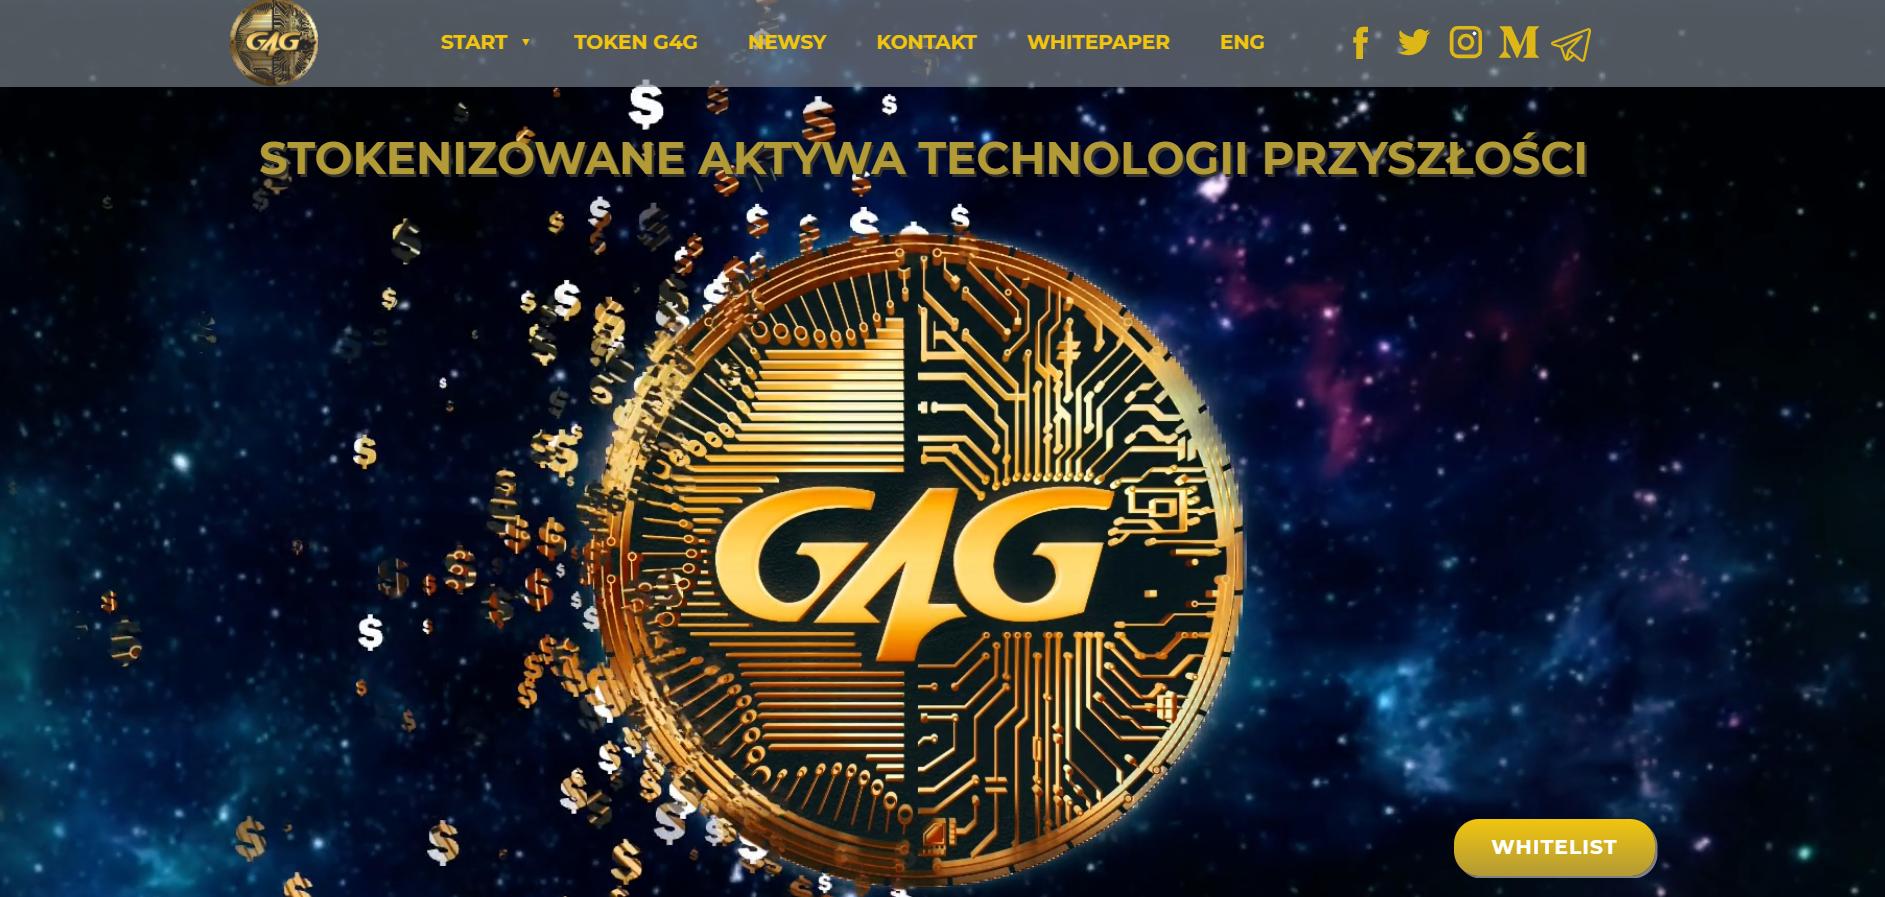 Witryna internetowa G4G